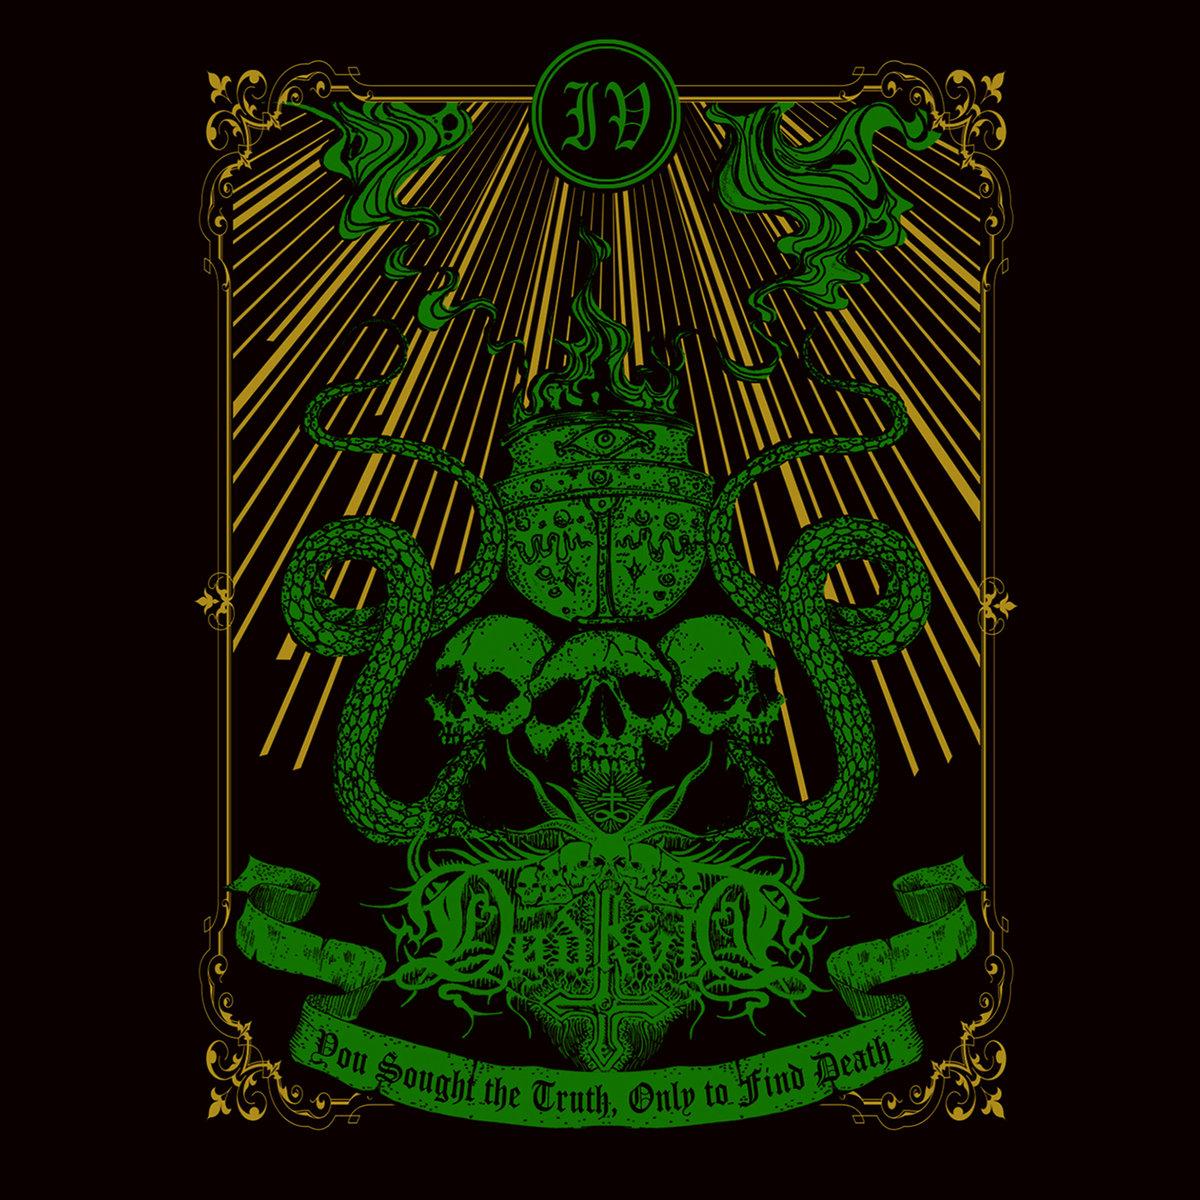 DØDKVLT - IV: You Sought the Truth Only to Find Death